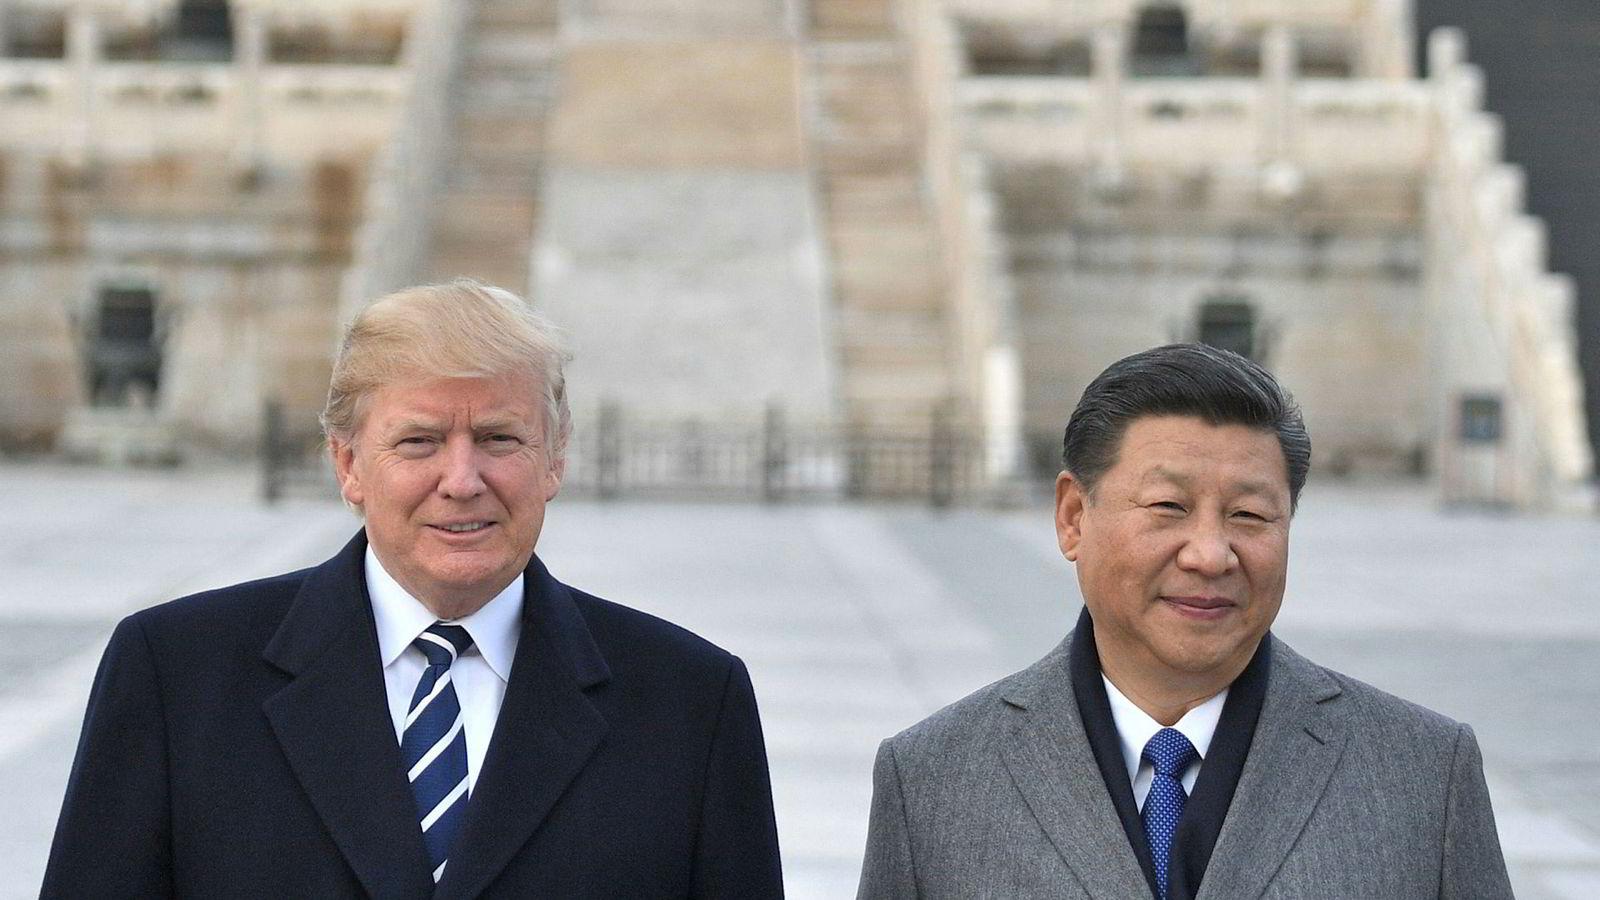 Møtet mellom USAs president Donald Trump og Kinas president Xi Jinping under G20-møtet i Buenos Aires er blitt ansett som svært avgjørende for verdensøkonomien.